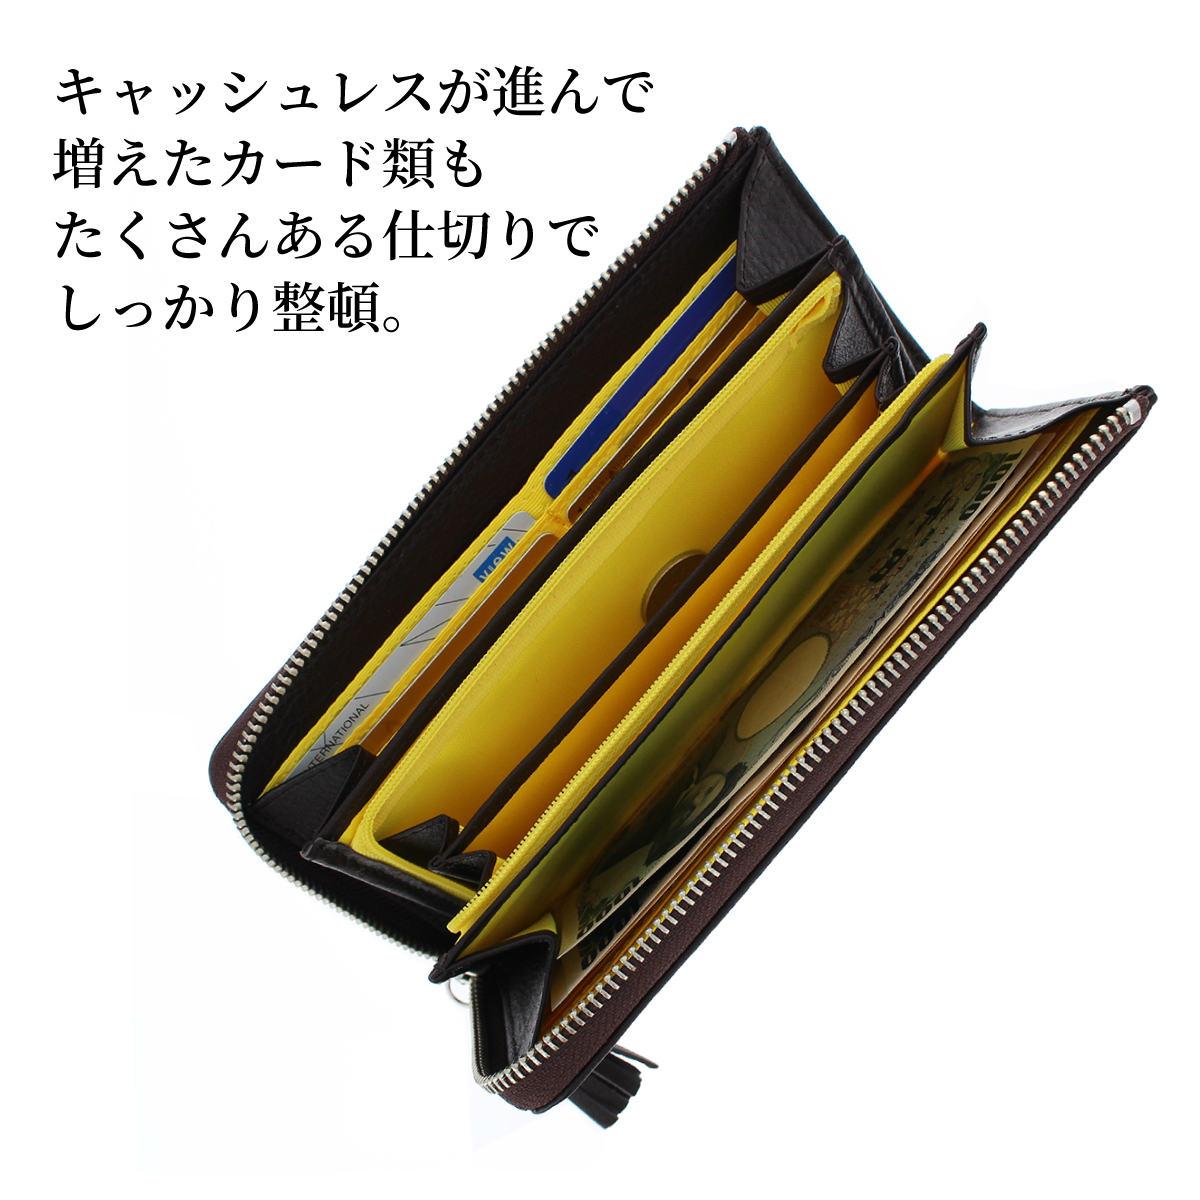 ピッコーネ 人気ブランド 長財布 レディース 革サイフ PICONE パンチングレザー カード収納 仕切り 小銭入れ 大容量 ファスナー開閉 出し入れラクラク